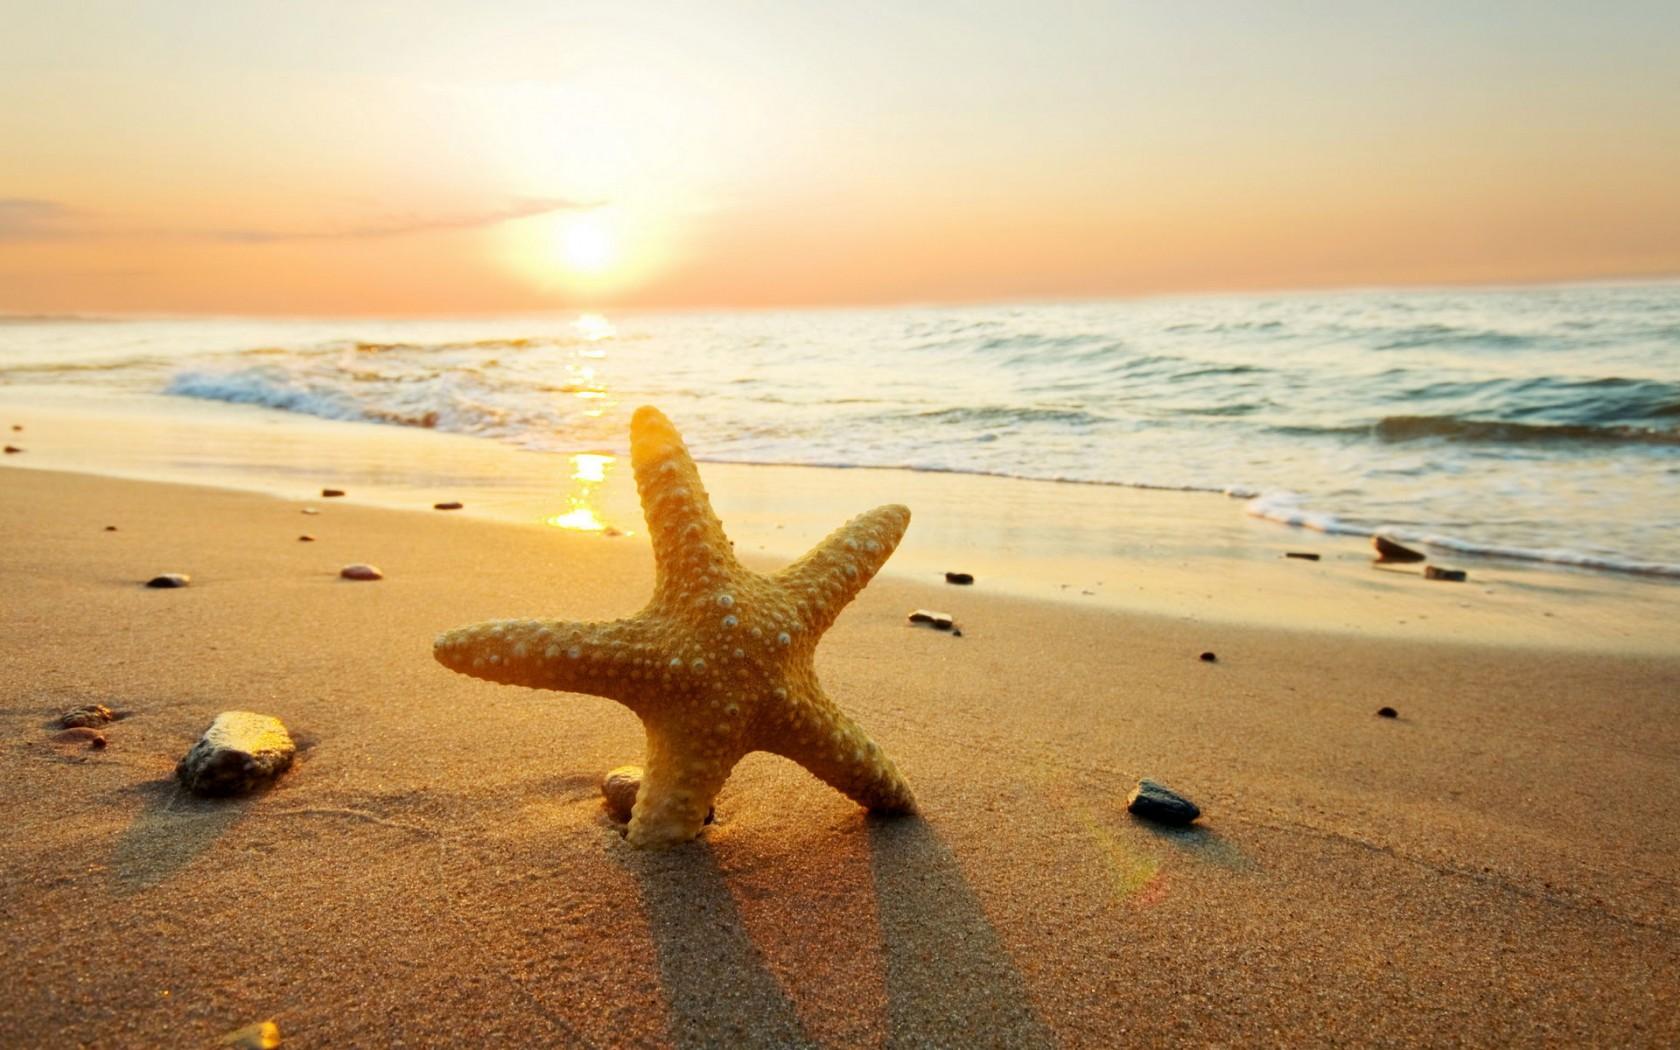 Beach Sunset Wallpaper Desktop Theme 20766